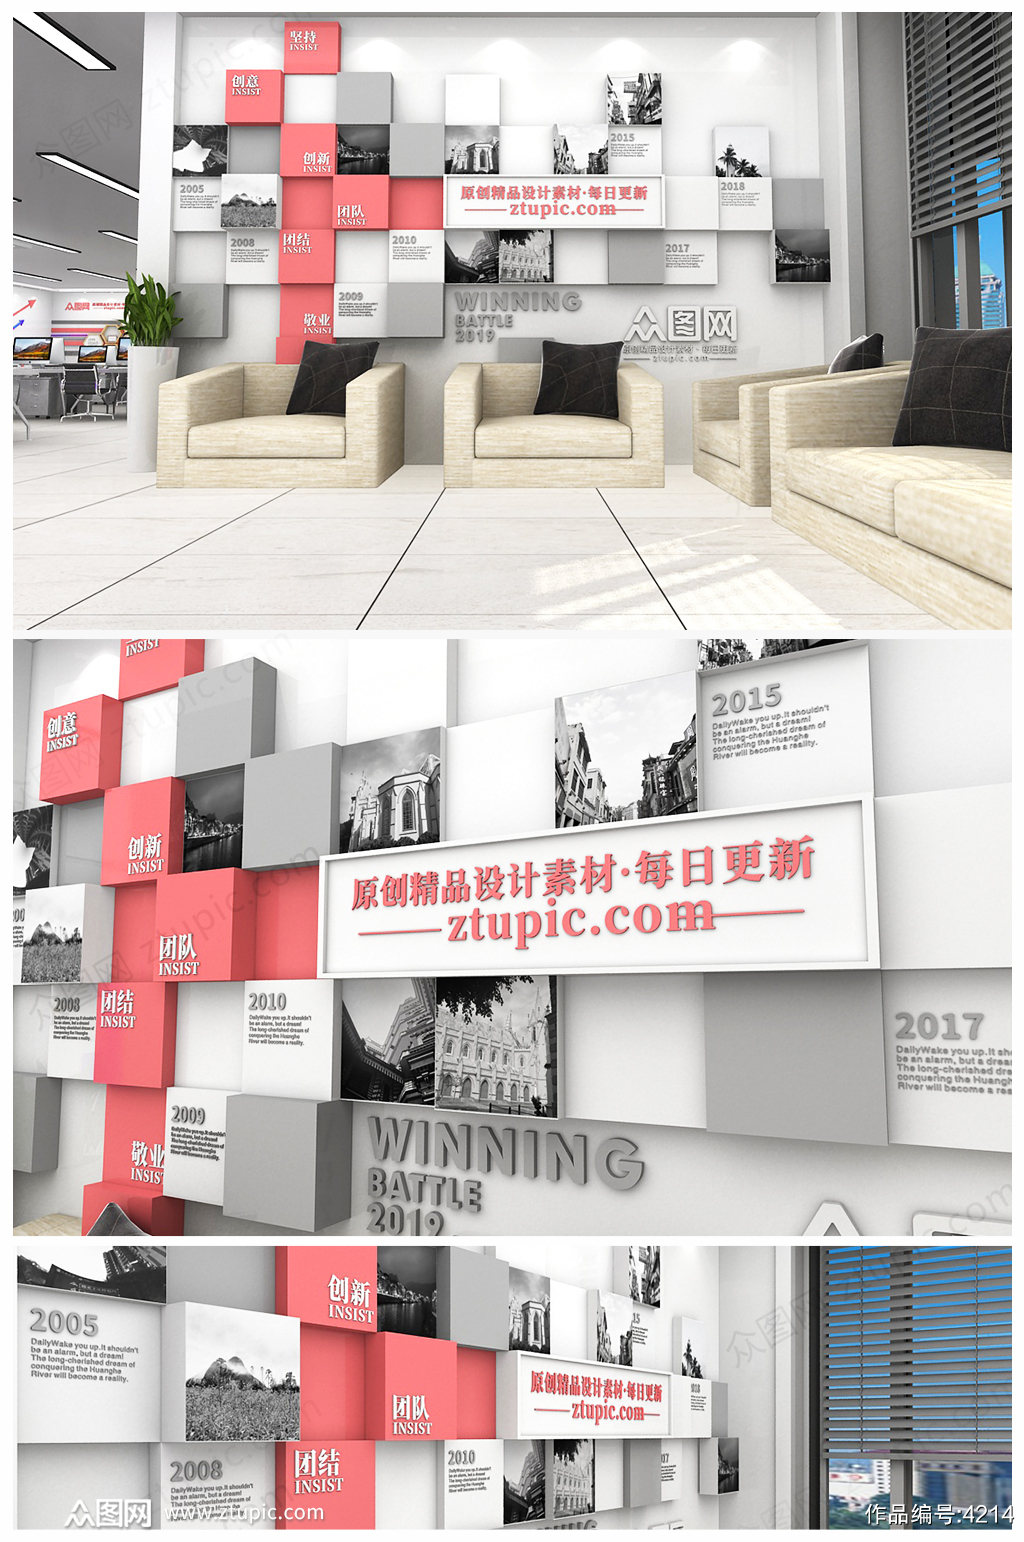 原创企业文化墙亮相台形象墙创意员工风采照片墙照片墙文化墙科技素材